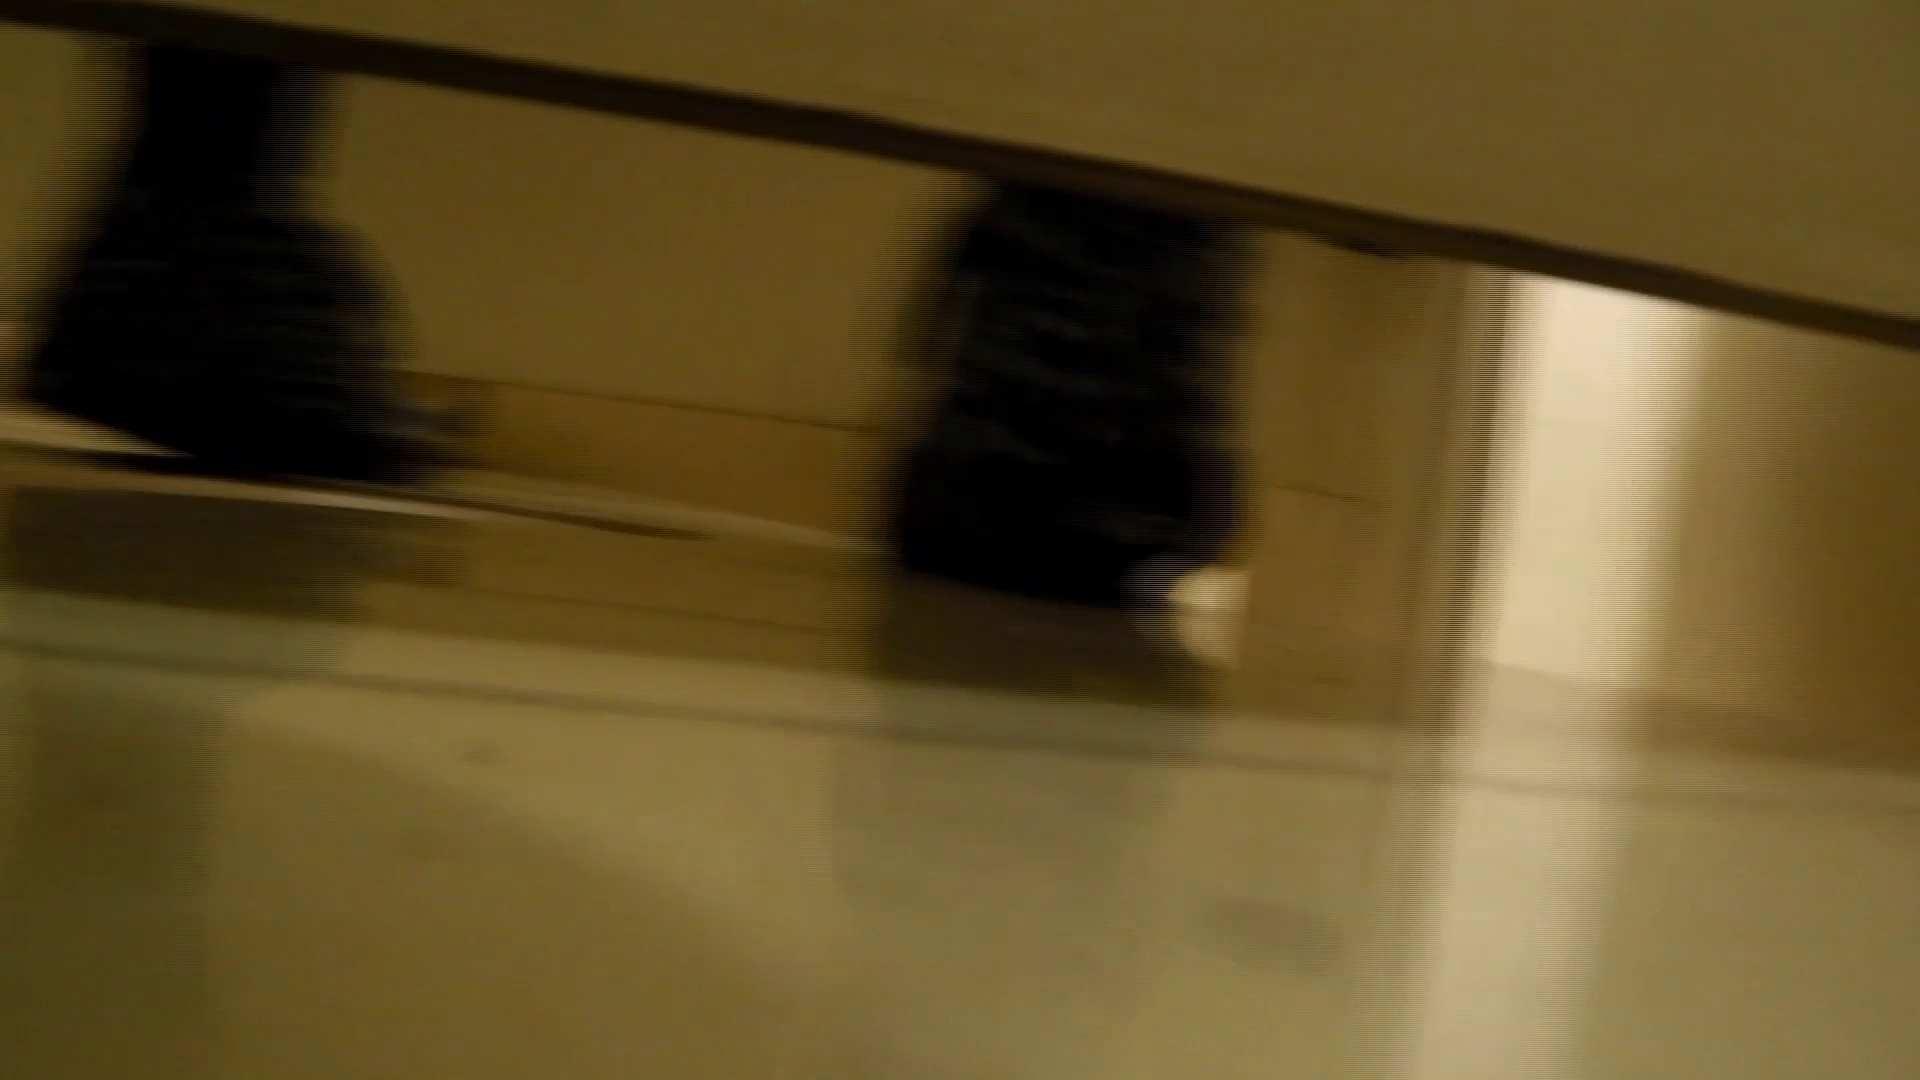 新世界の射窓 No78 トリンドル 玲奈似登場シリーズ美女率最高作! 高画質 AV動画キャプチャ 103画像 70